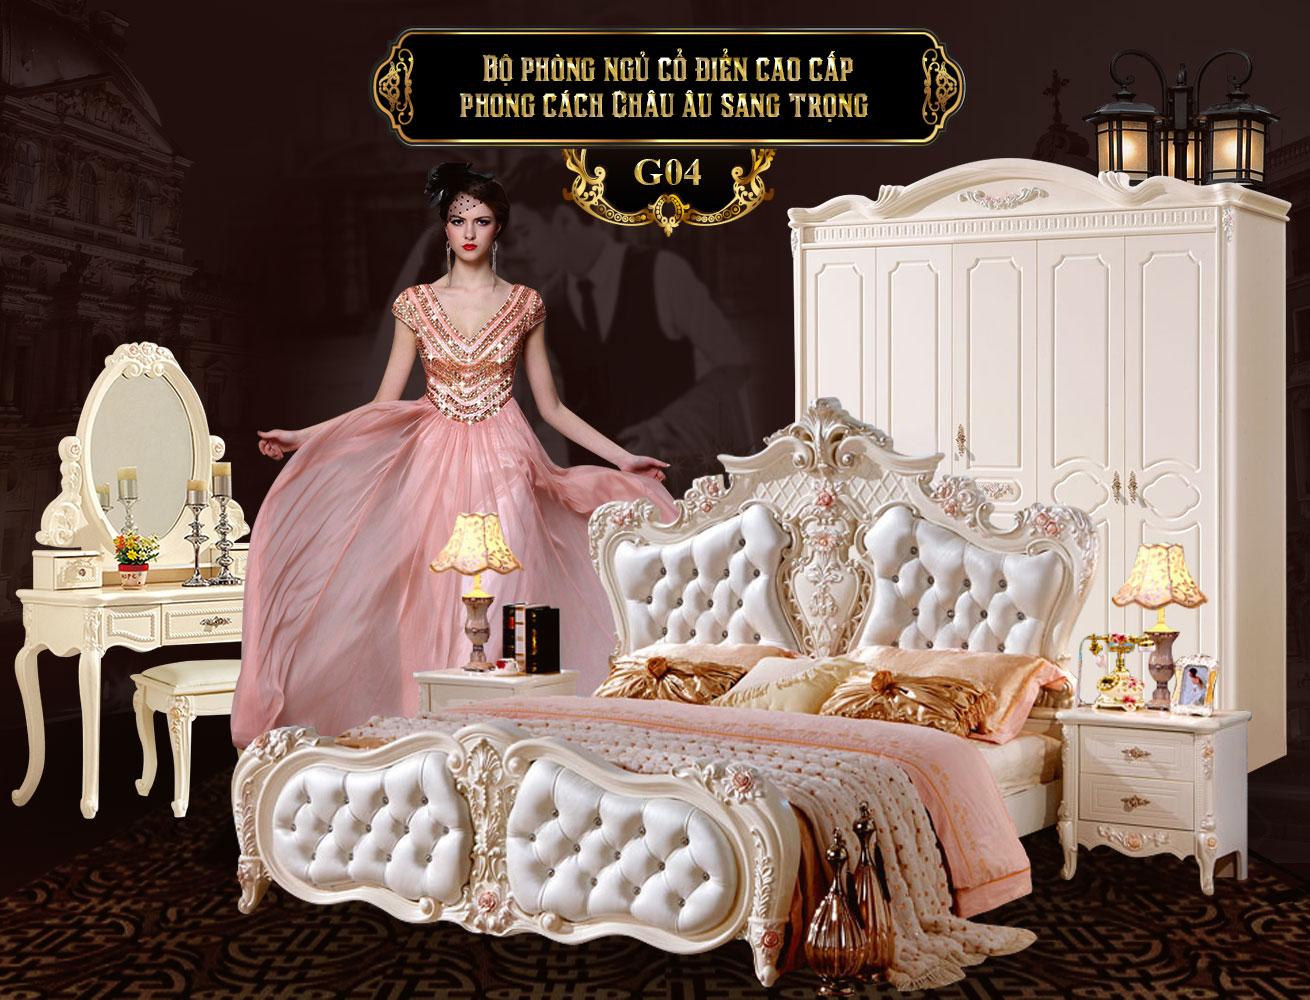 Giường ngủ tân cổ điển cao cấp G04a, giường tân cổ điển giá rẻ tại Hà Nội